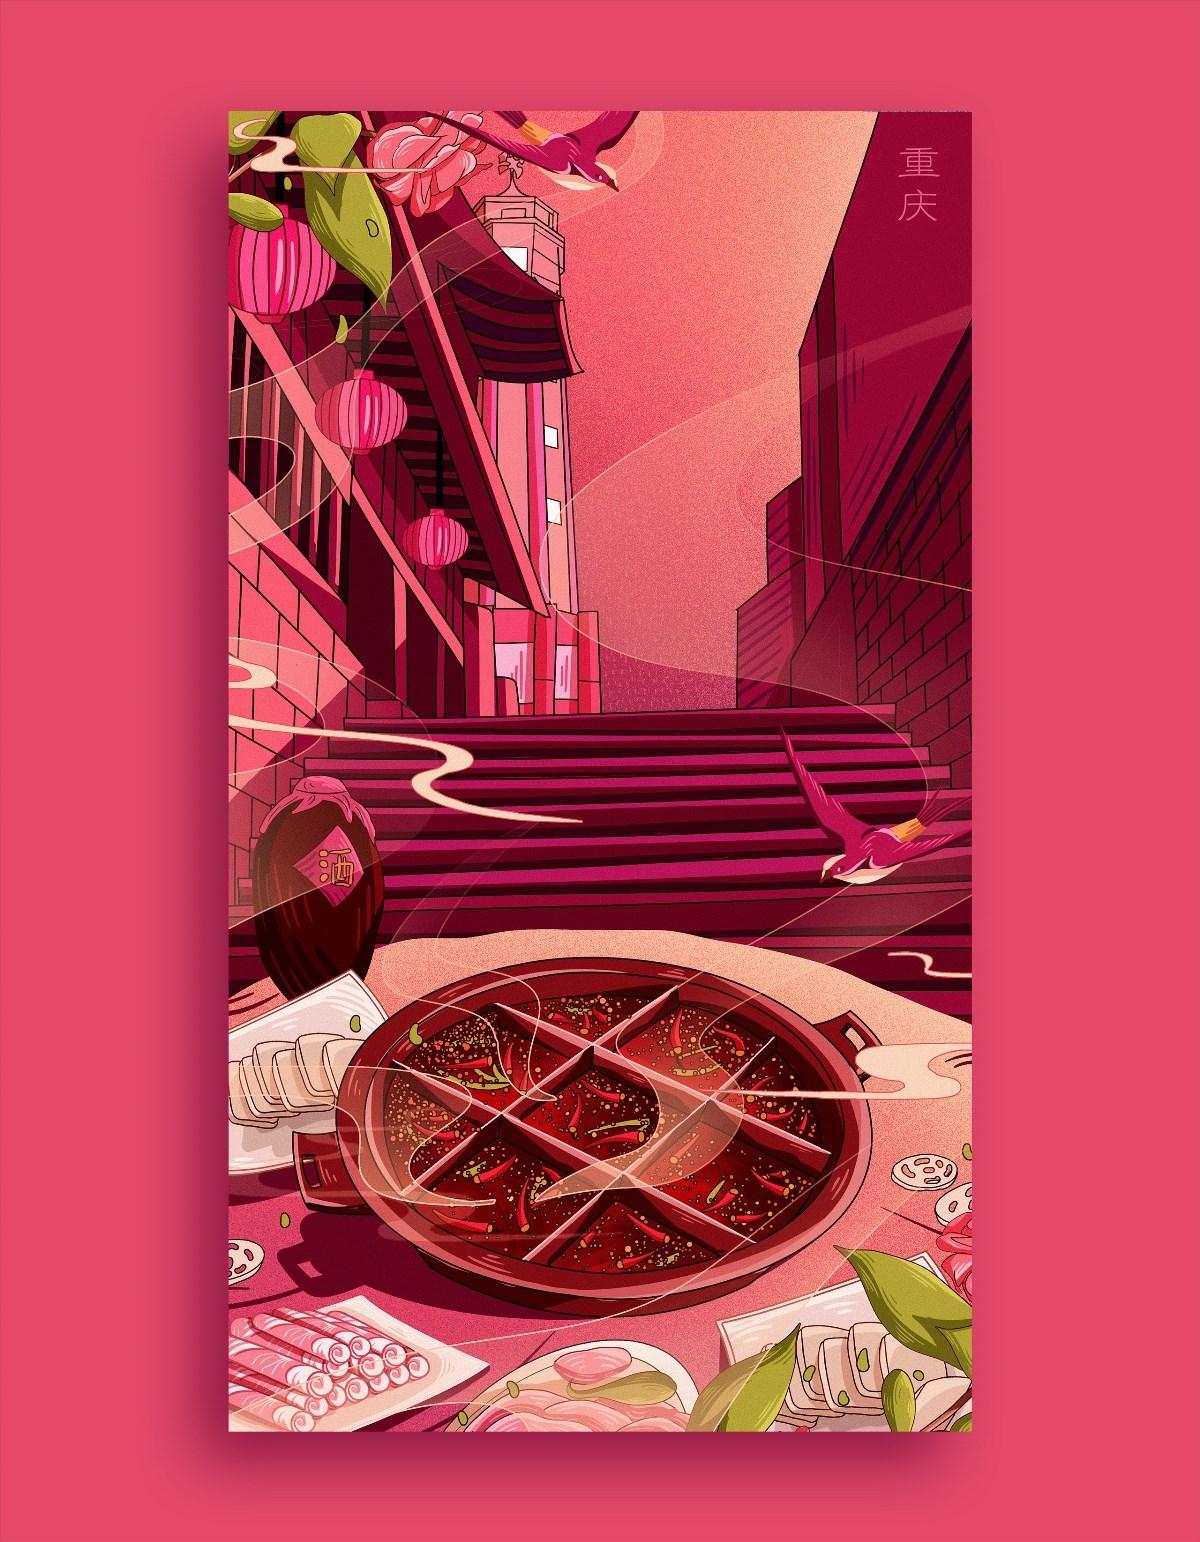 华夏血脉---重庆---插画007